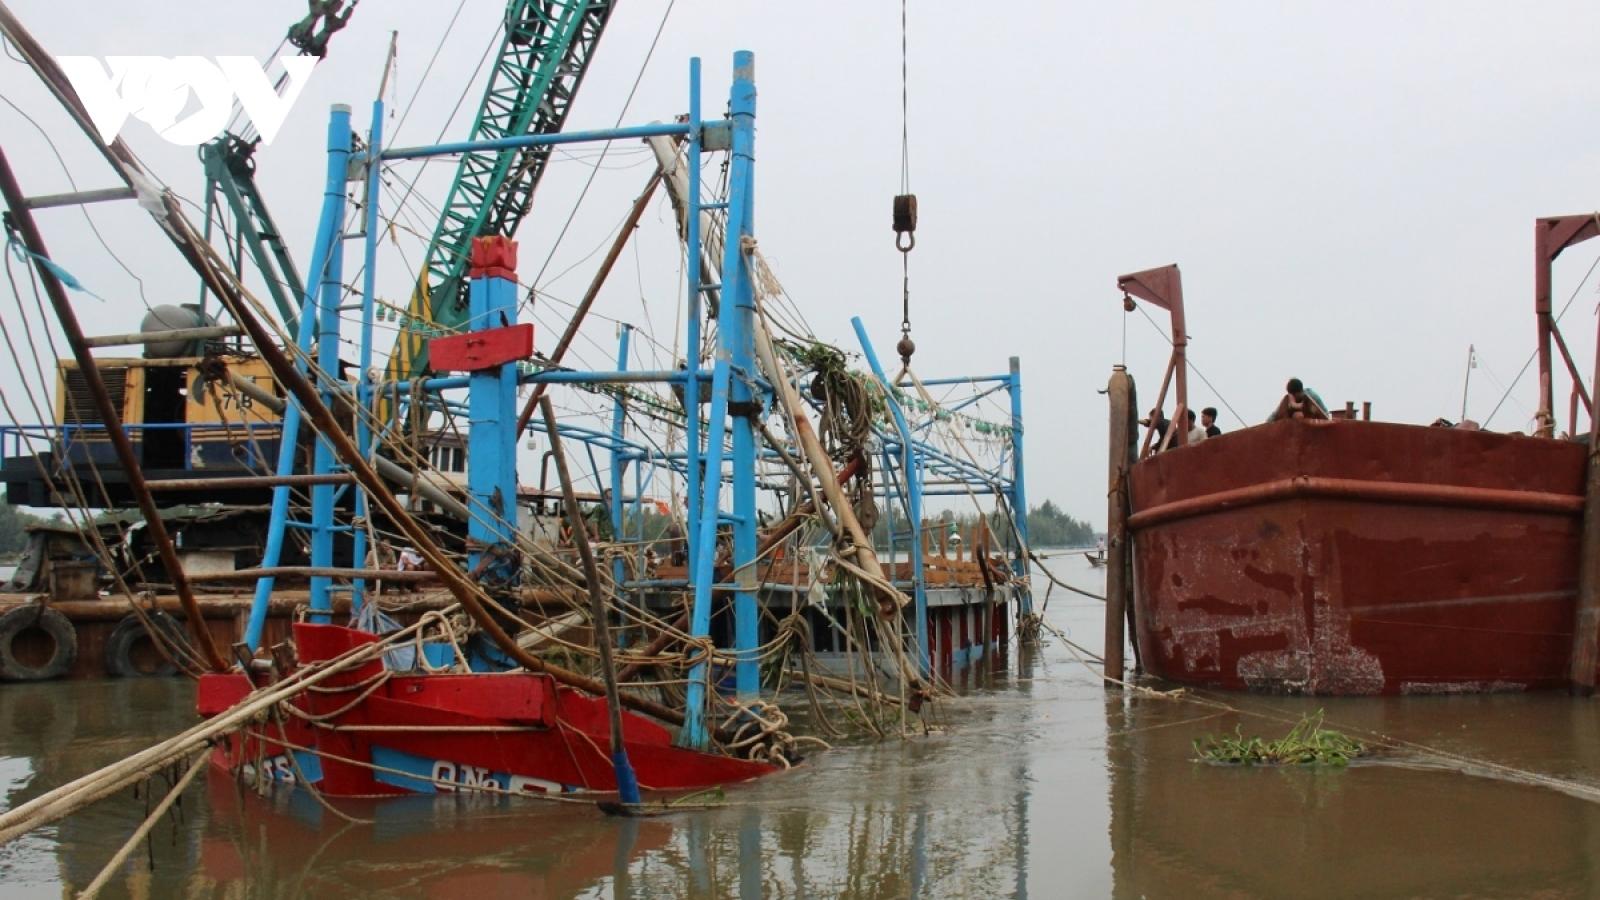 Các tỉnh miền Trung đã có 44 người chết do mưa lũ